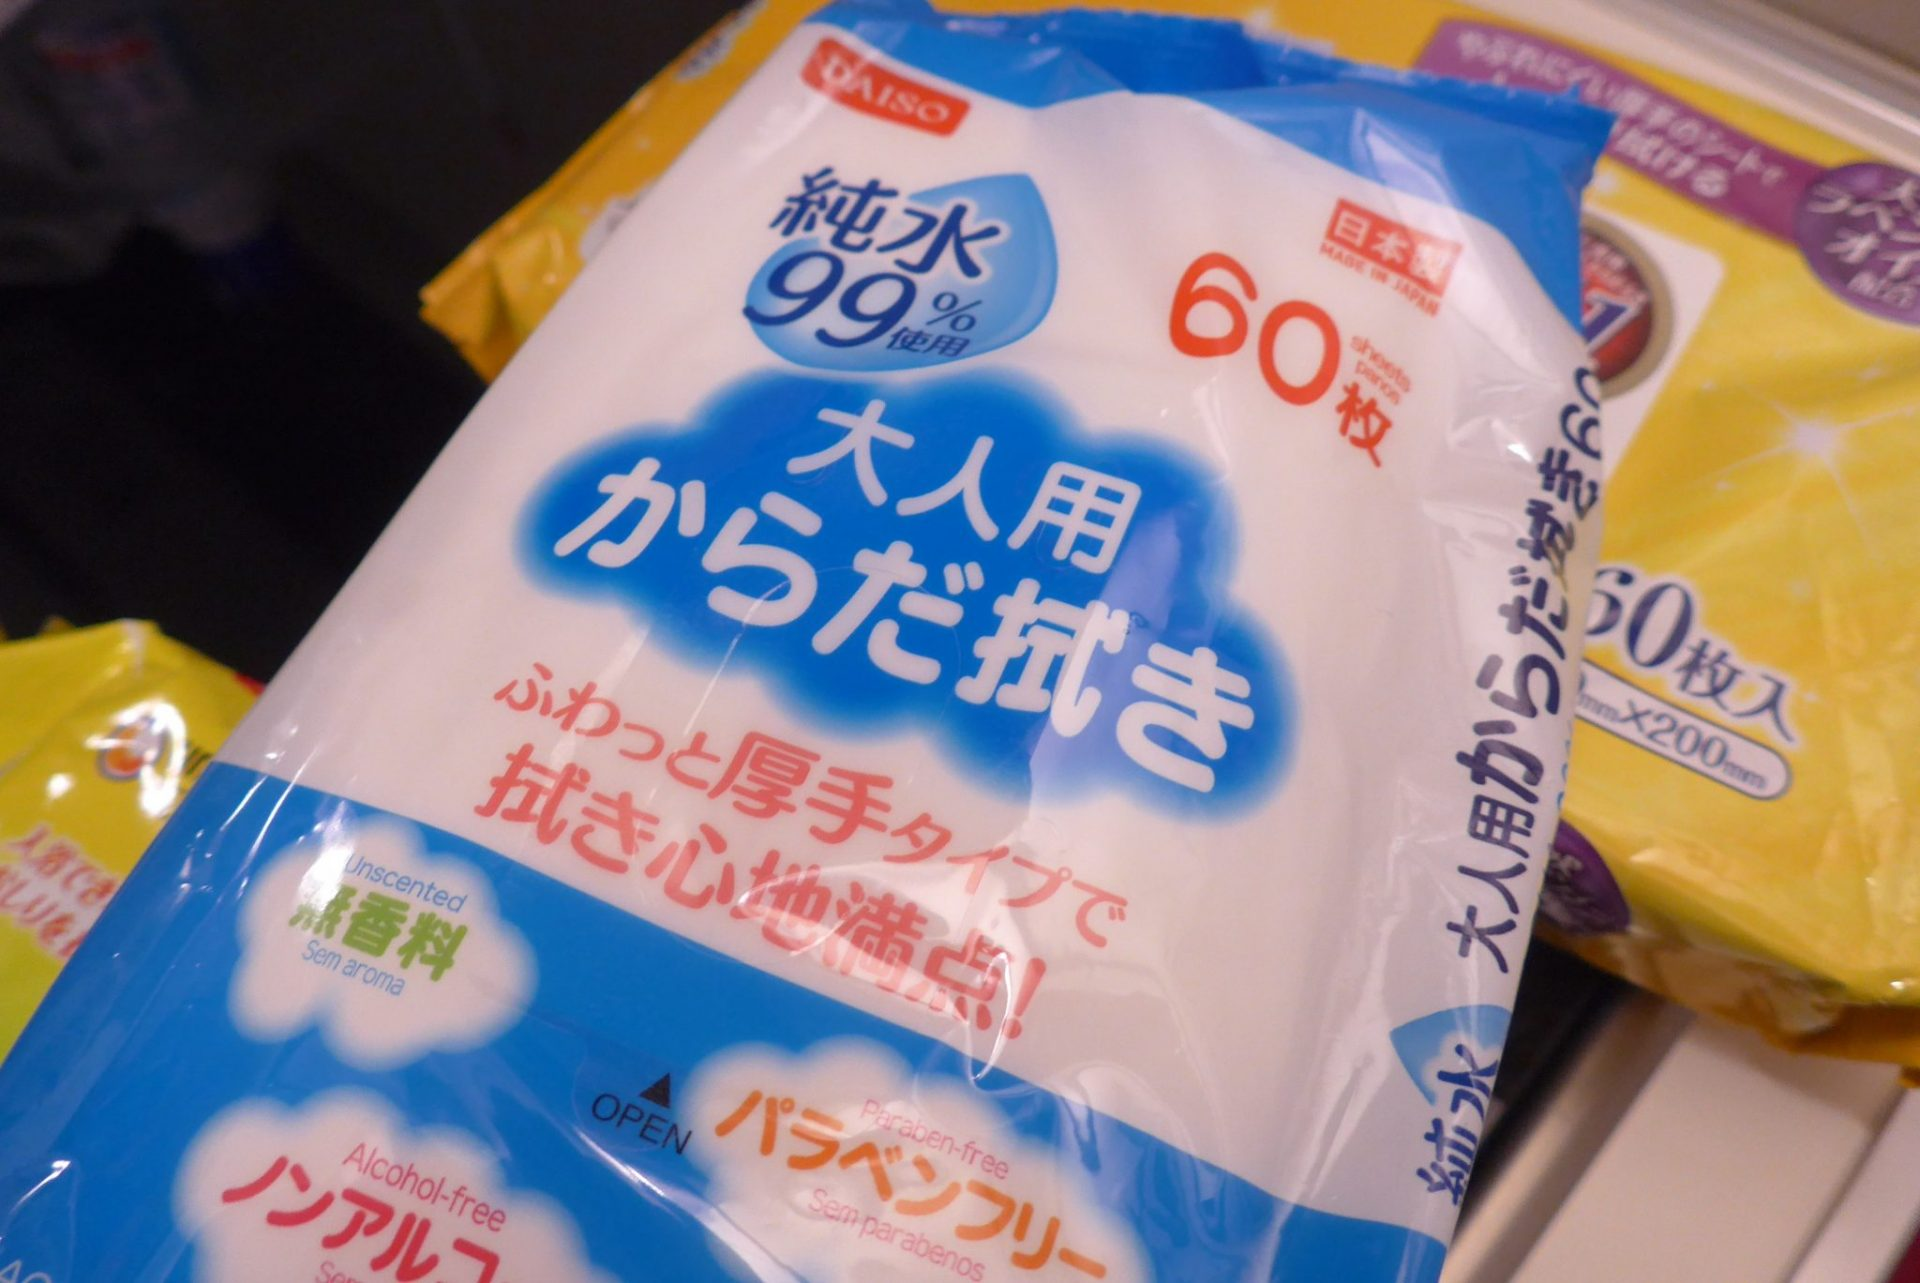 (K)車中仮眠泊におすすめの体拭き!入浴できないときでも快適に